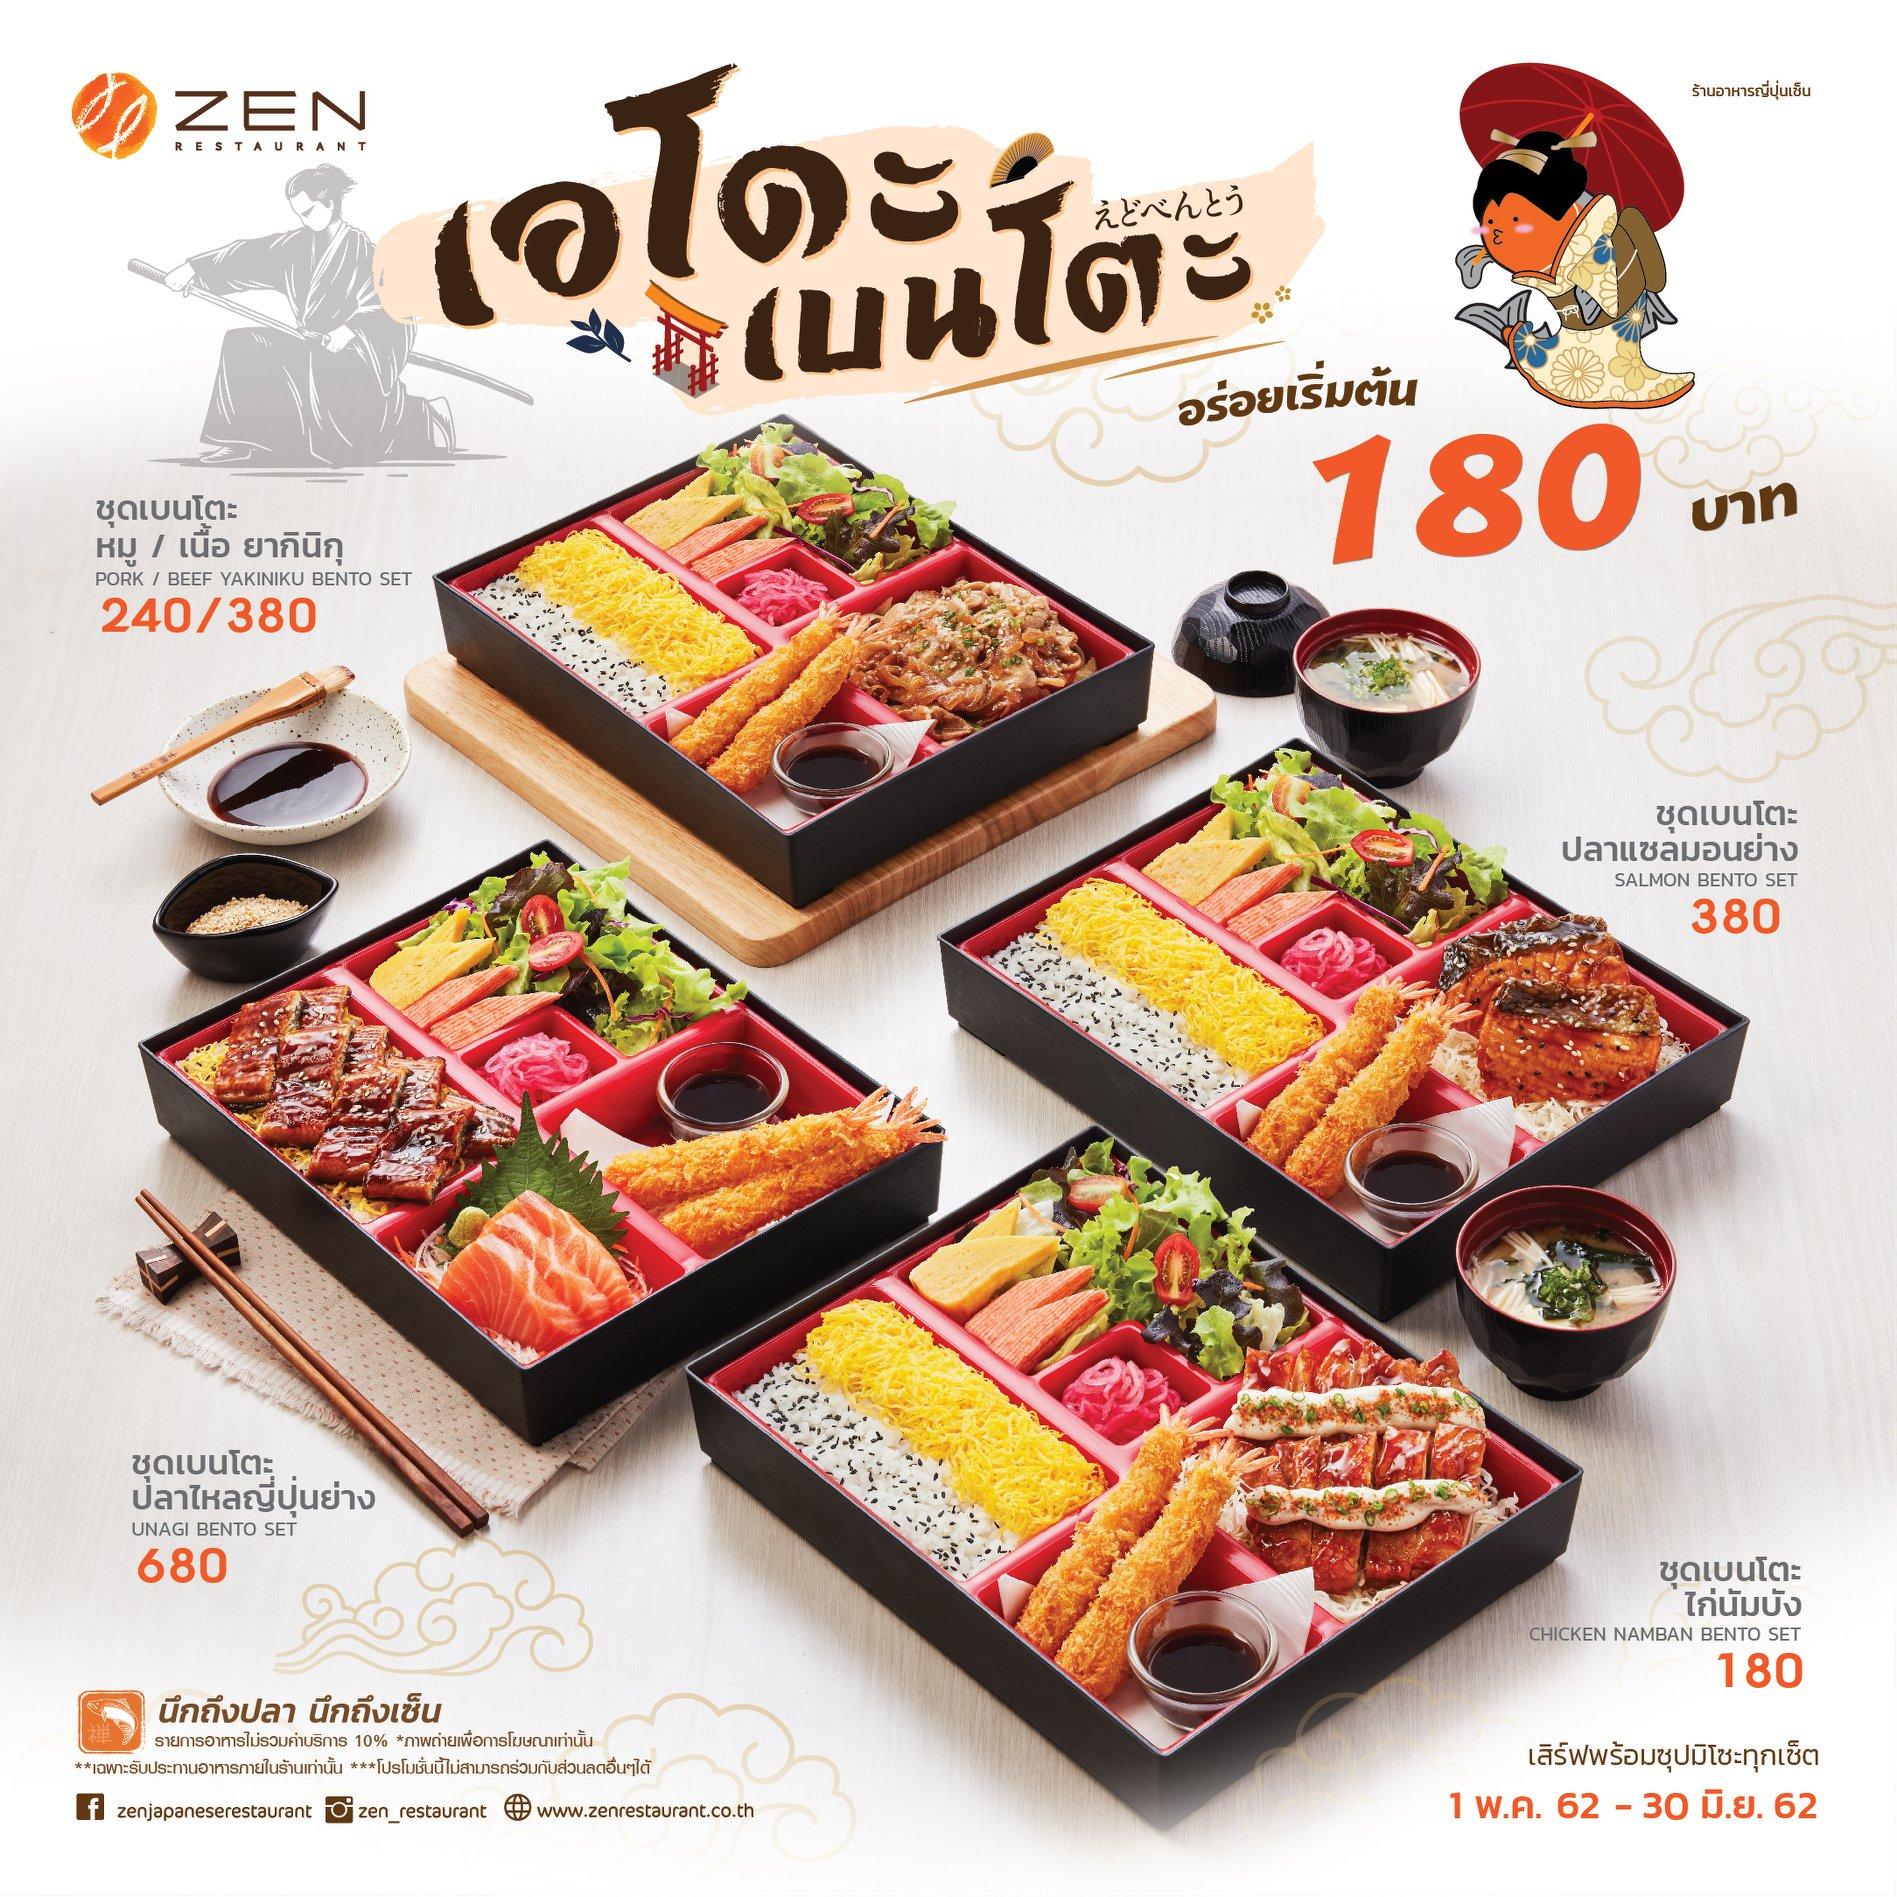 อร่อยครบ อร่อยคุ้ม กับแคมเปญ เอโดะ เบนโตะ ในราคาเริ่มต้นเพียง 180 บาทเท่านั้น